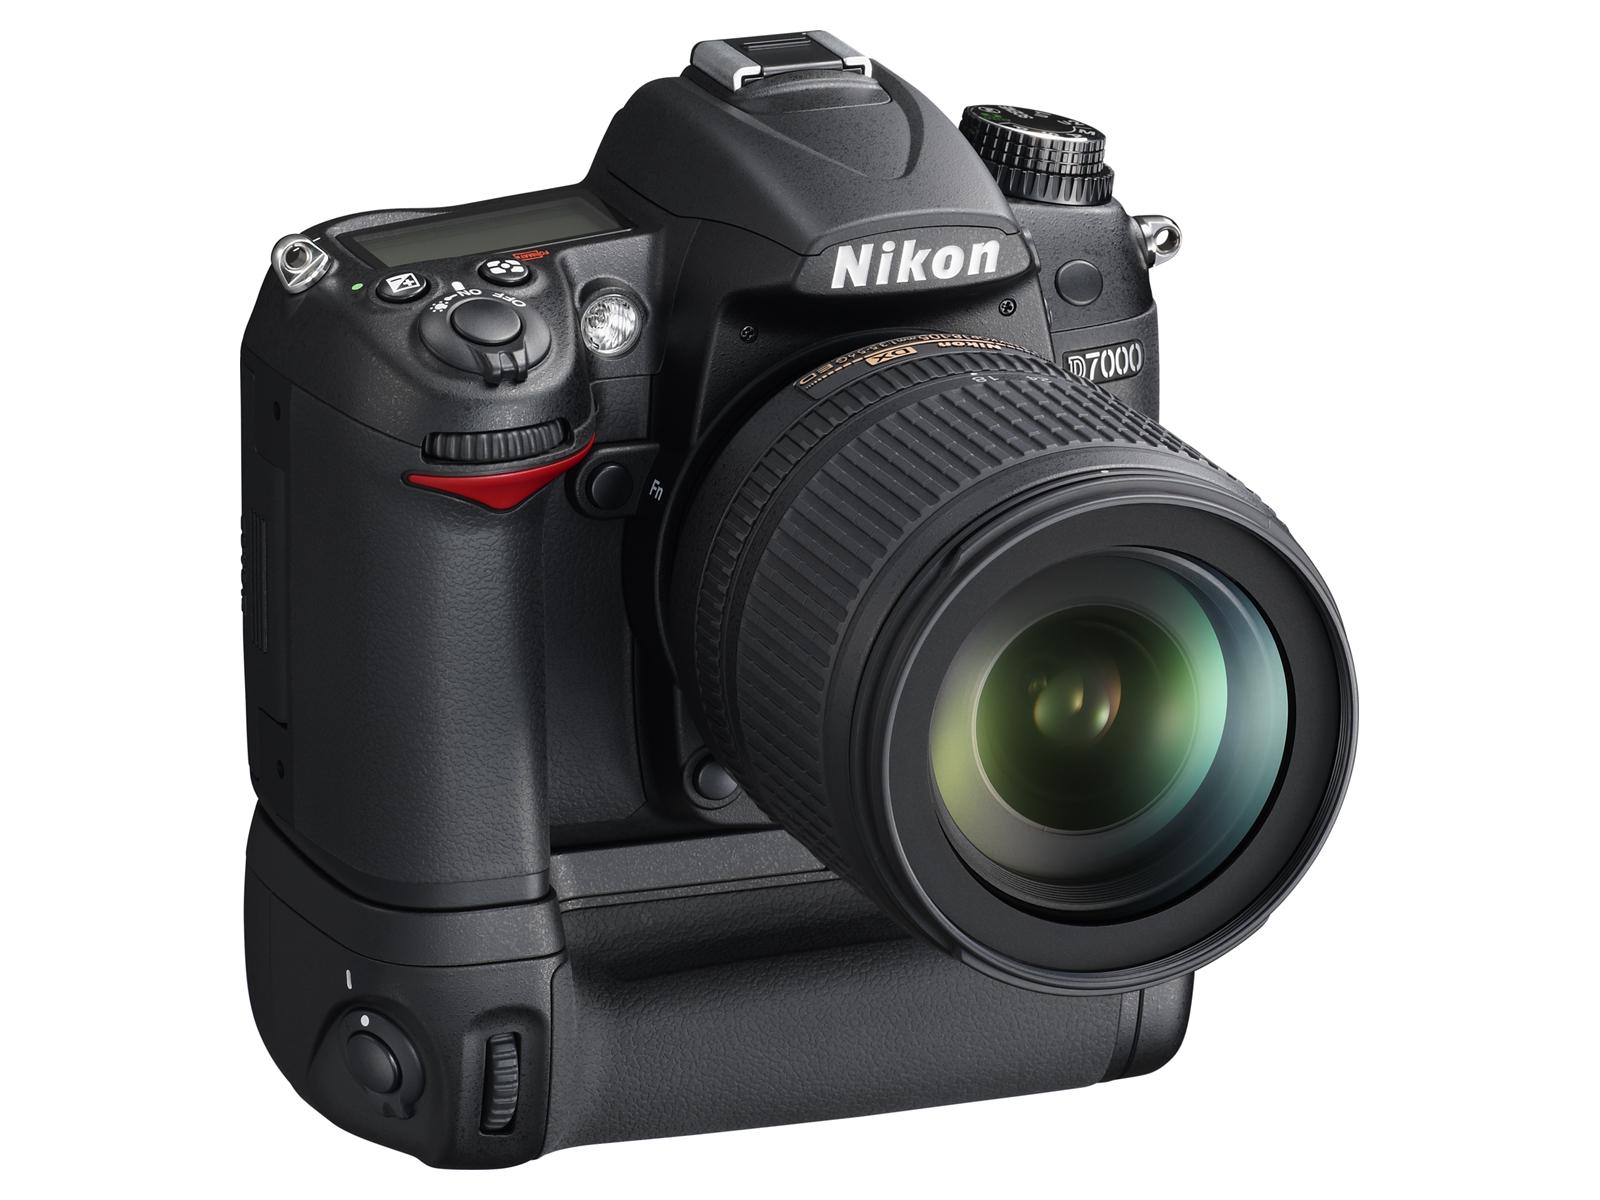 Nikon D7000 - 7